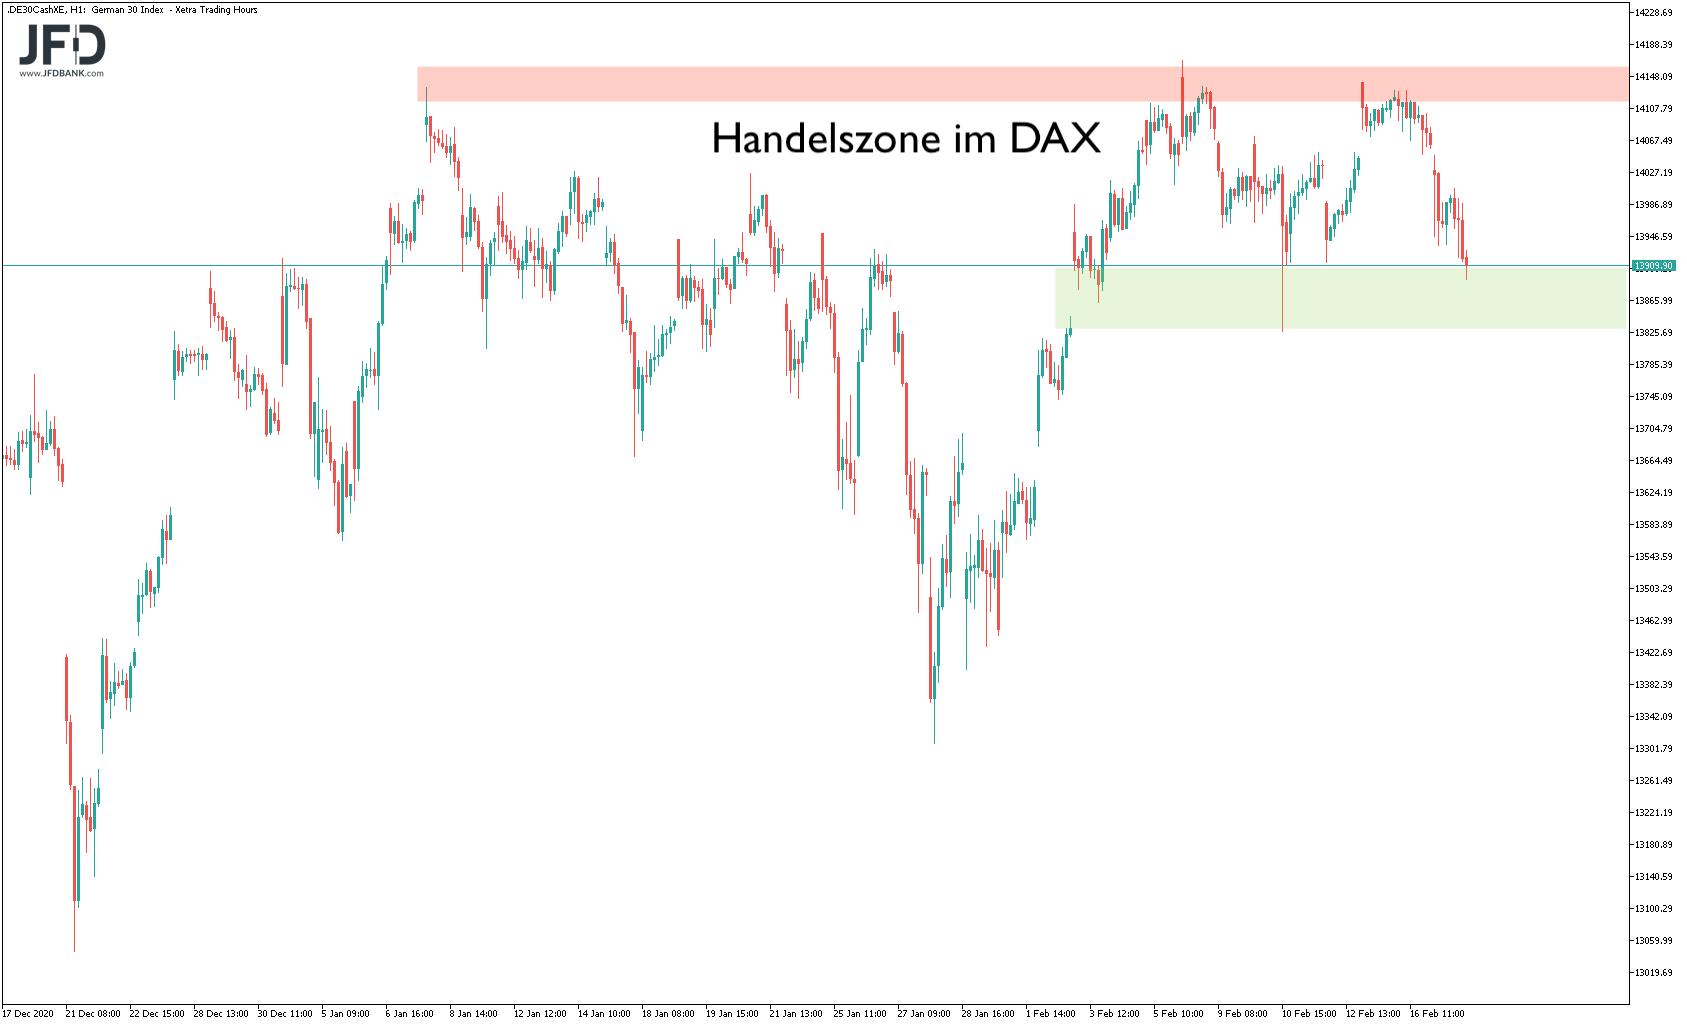 DAX-Abgaben-lassen-Spekulation-auf-große-Range-zu-Kommentar-JFD-Bank-GodmodeTrader.de-7